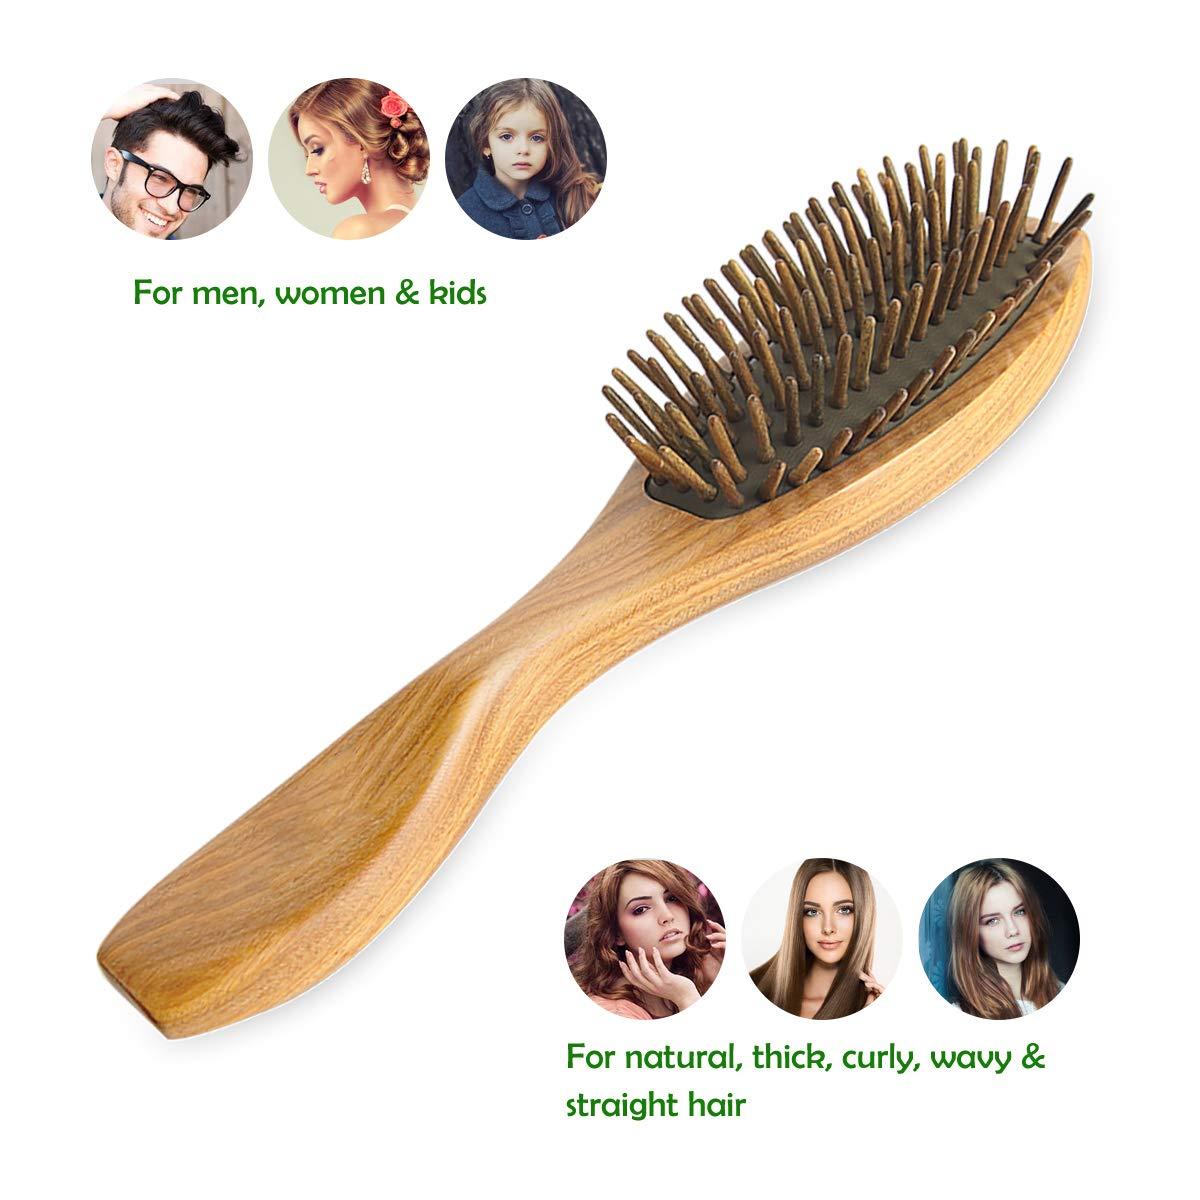 Holz Borste Organischen Haarb/ürsten Abgefedert Entwirren Massage Kopfhaut Keine Statische Haarkamm pureGLO Nat/ürliche Gr/üne Sandelholz Haarb/ürste